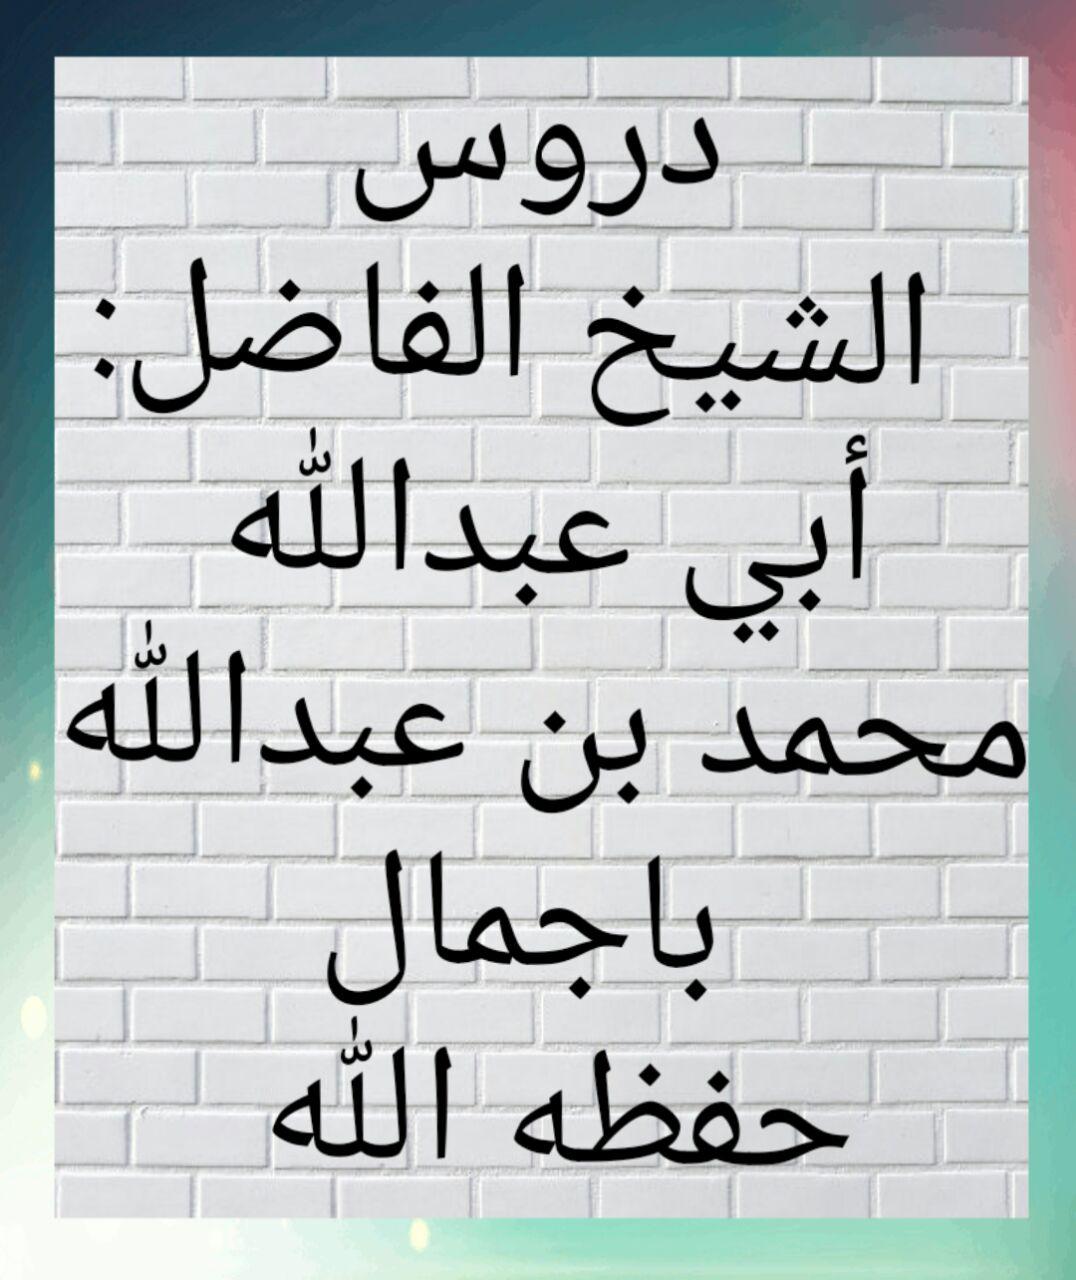 قراءة وتعليق على رسالة في باب الزكاة للإمام النجدي